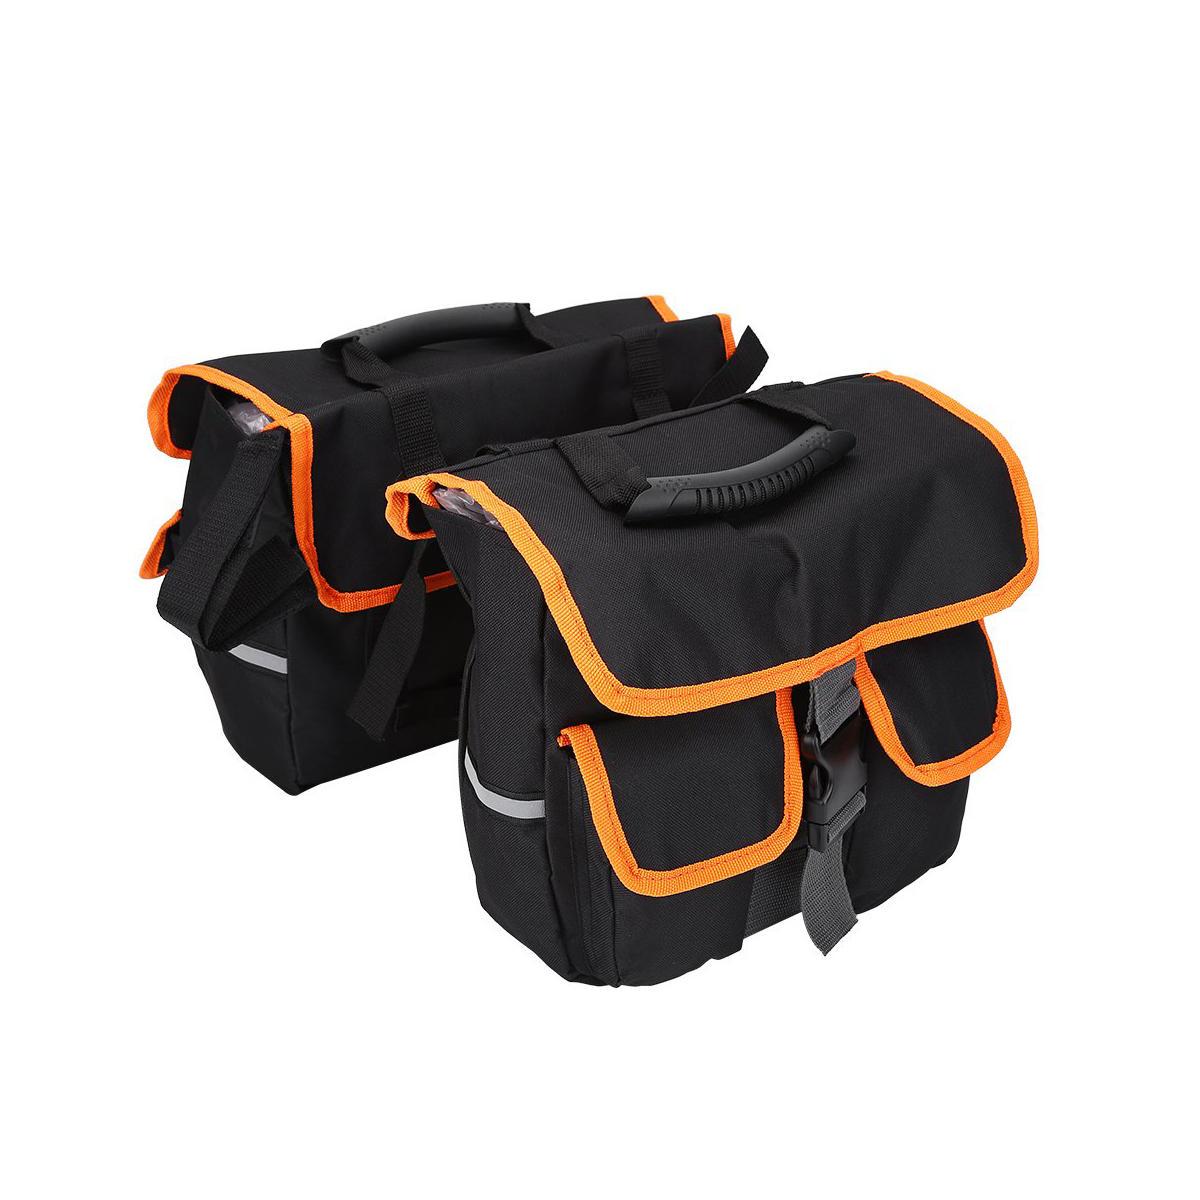 साइकिल बाइक मोटरसाइकिल सैडलबैग साइड पैनियर्स रियर रैक टेल सीट बैग पैक सामान